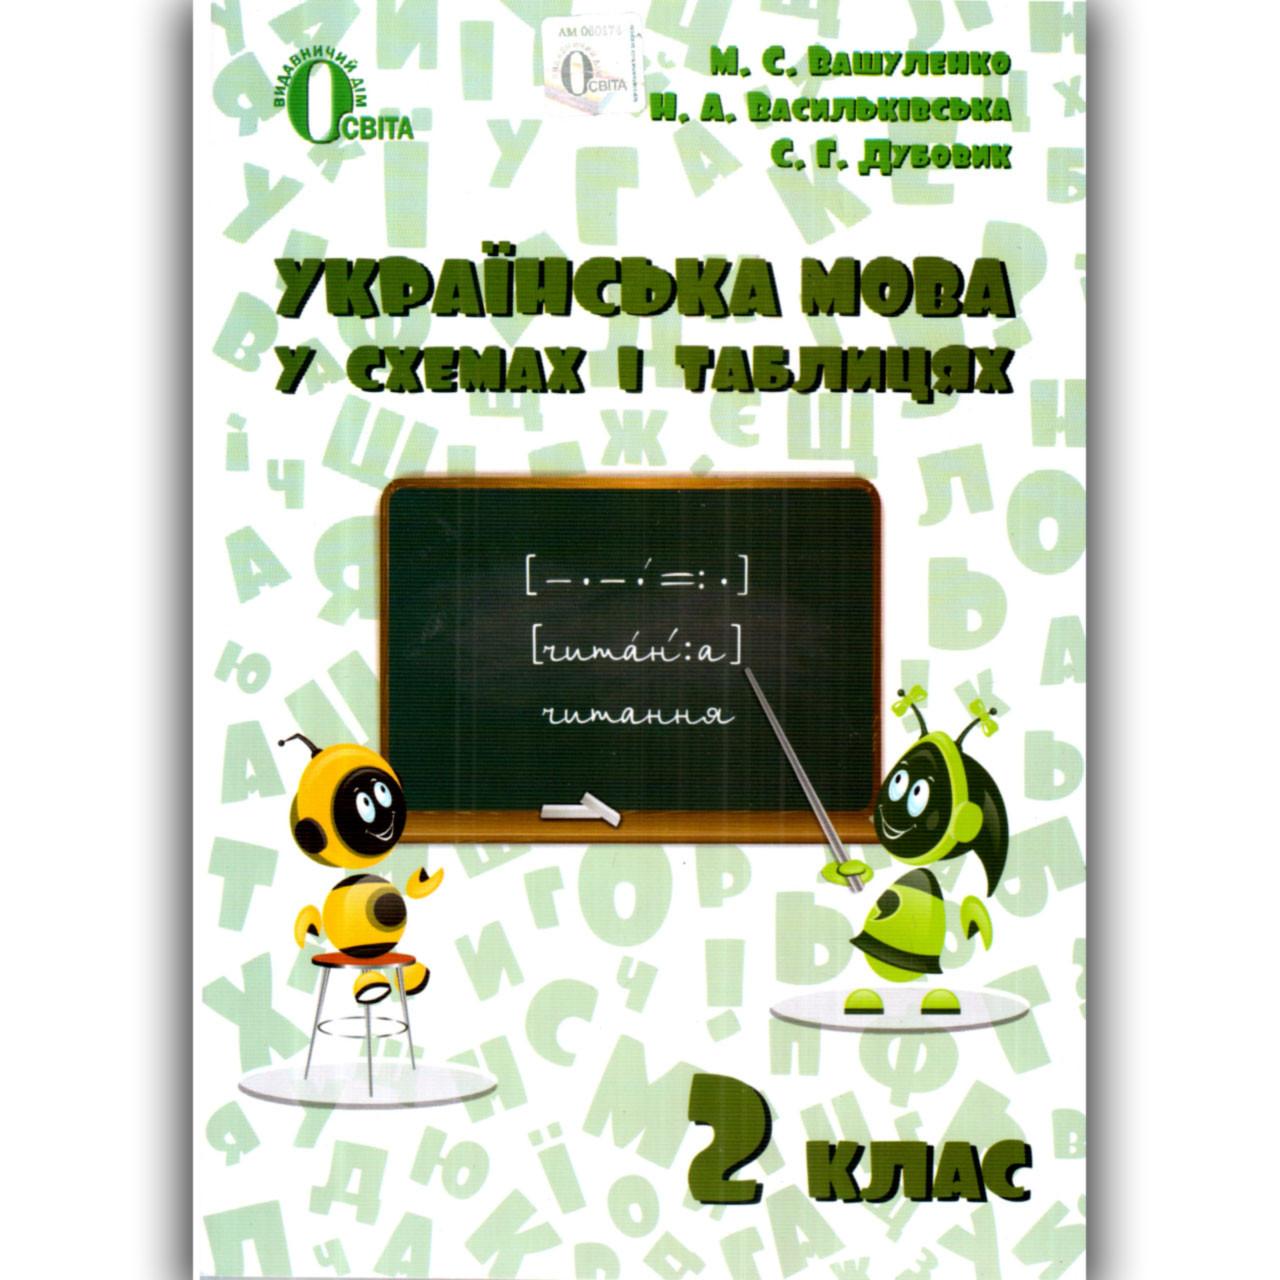 Українська мова в схемах і таблицях 2 клас Автор: Вашуленко М. Вид: Освіта